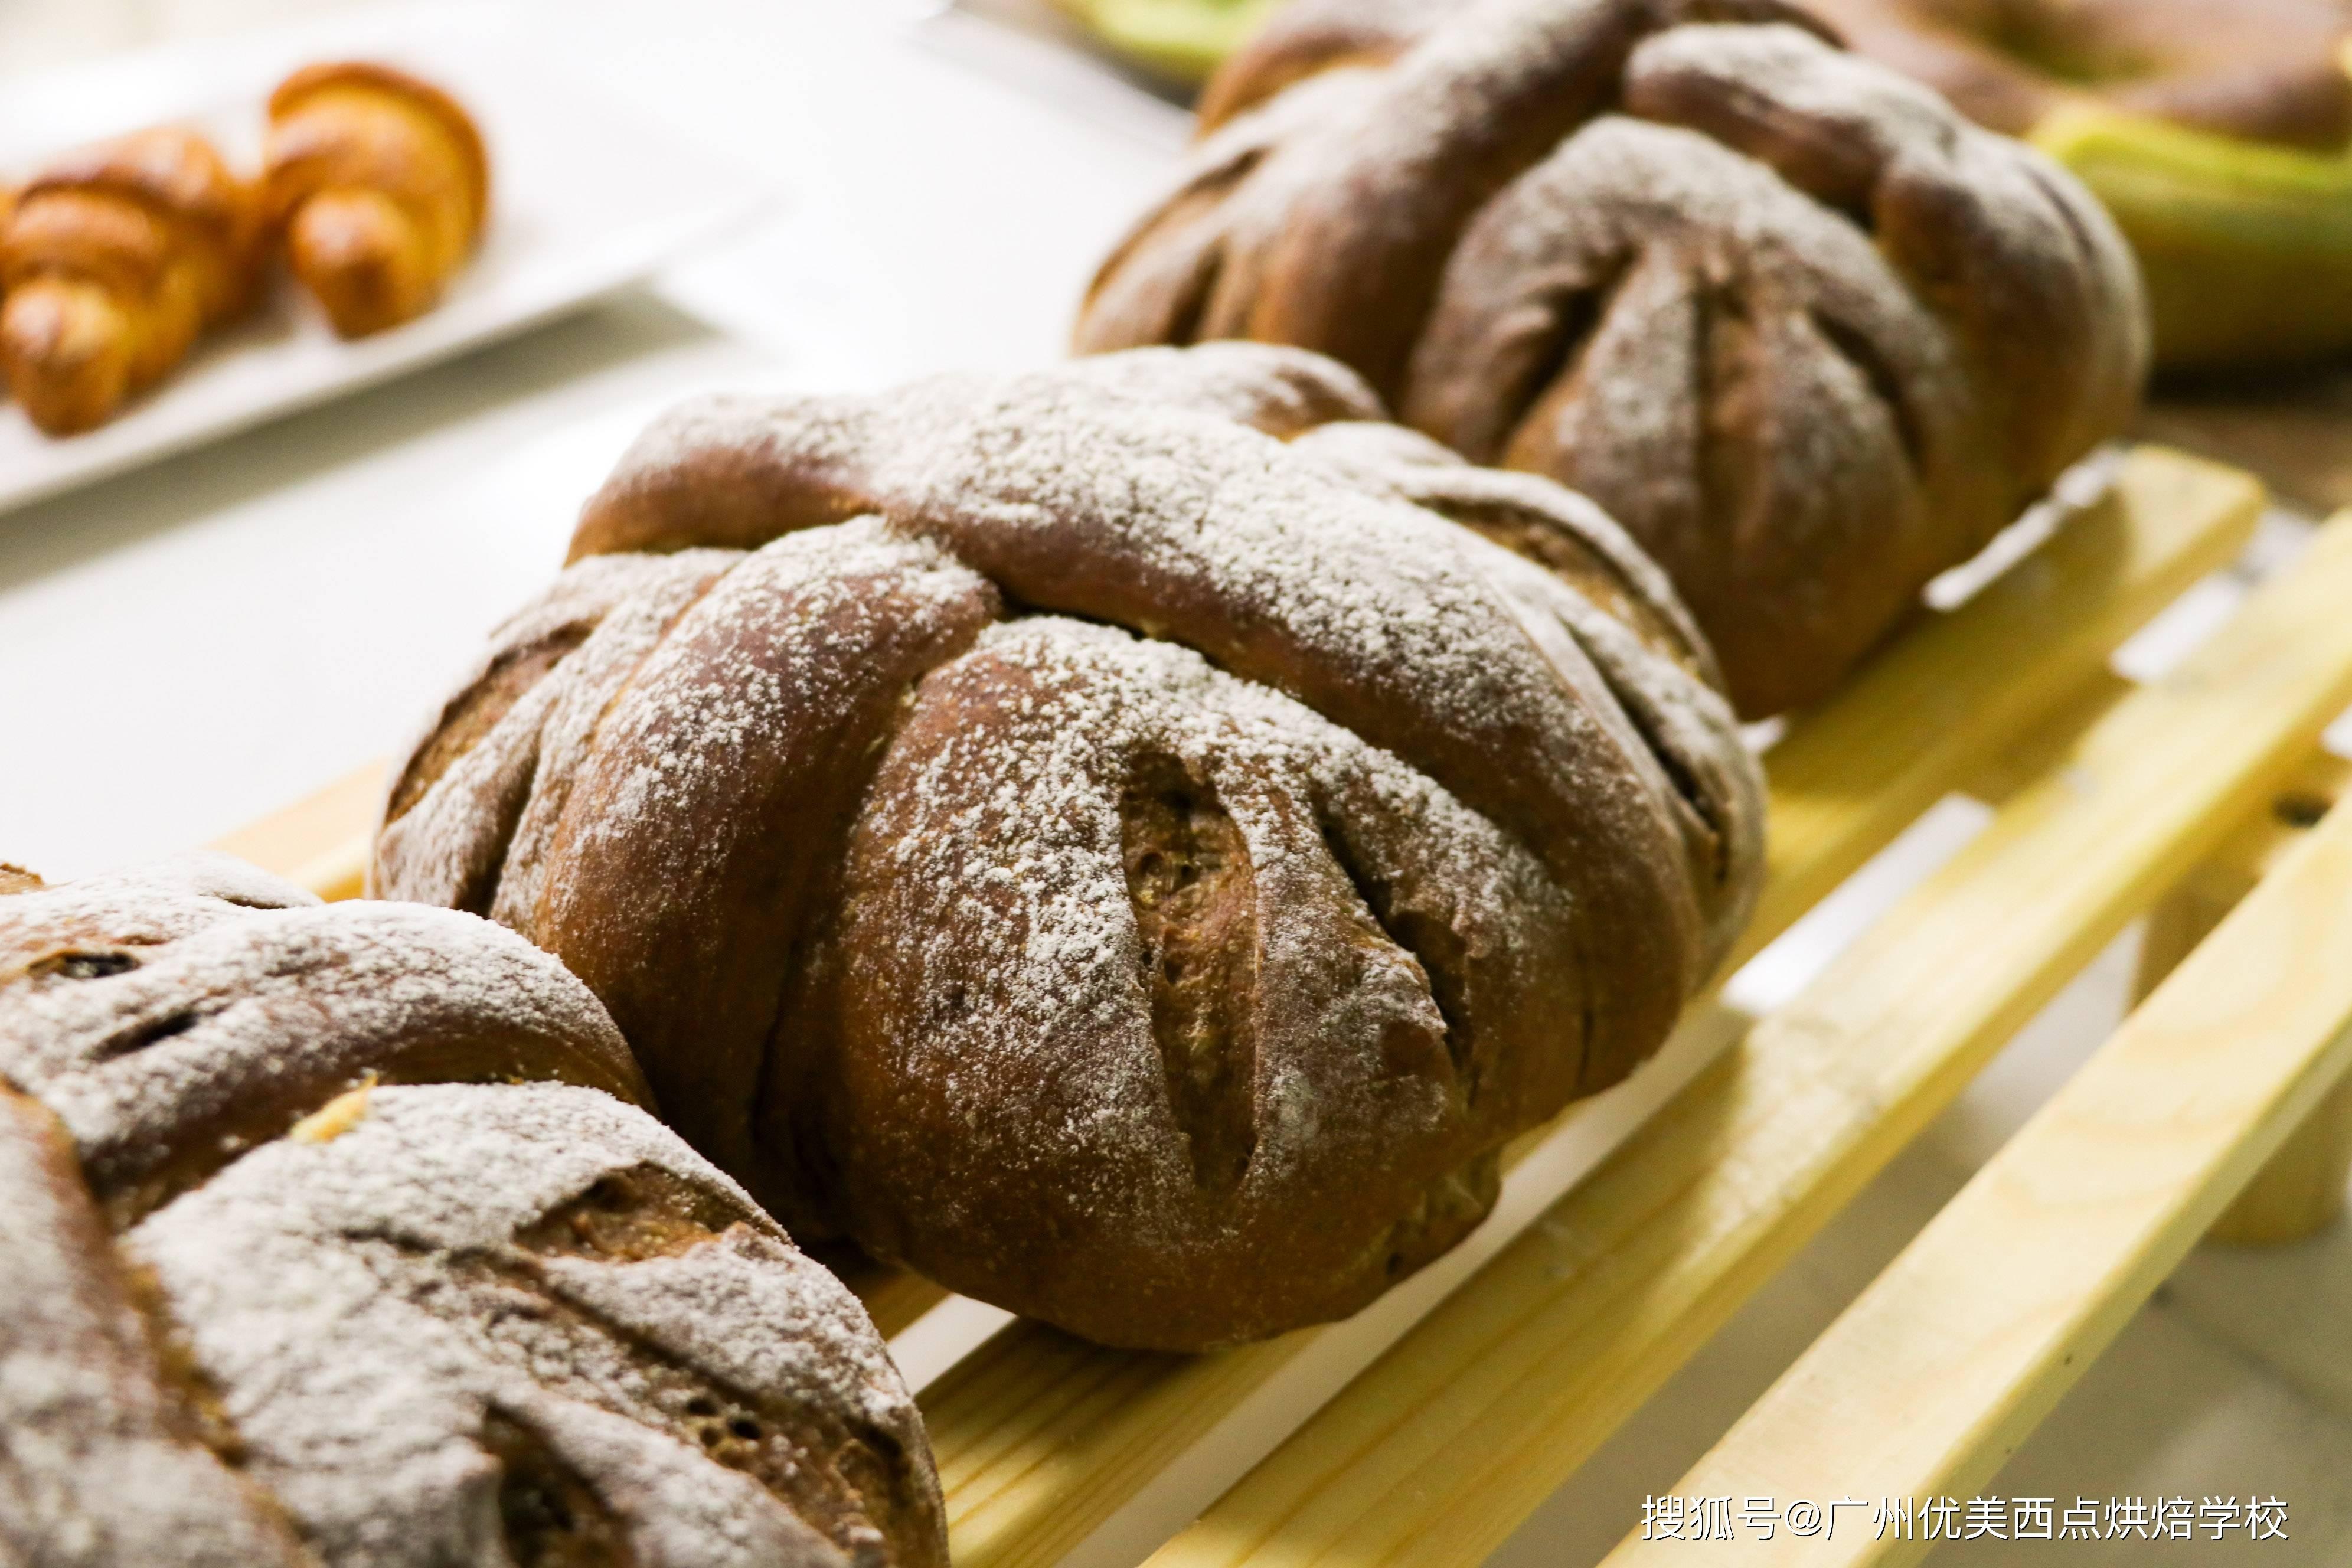 一般西点培训班都学什欧冠杯app么?面包烘焙教程教什么